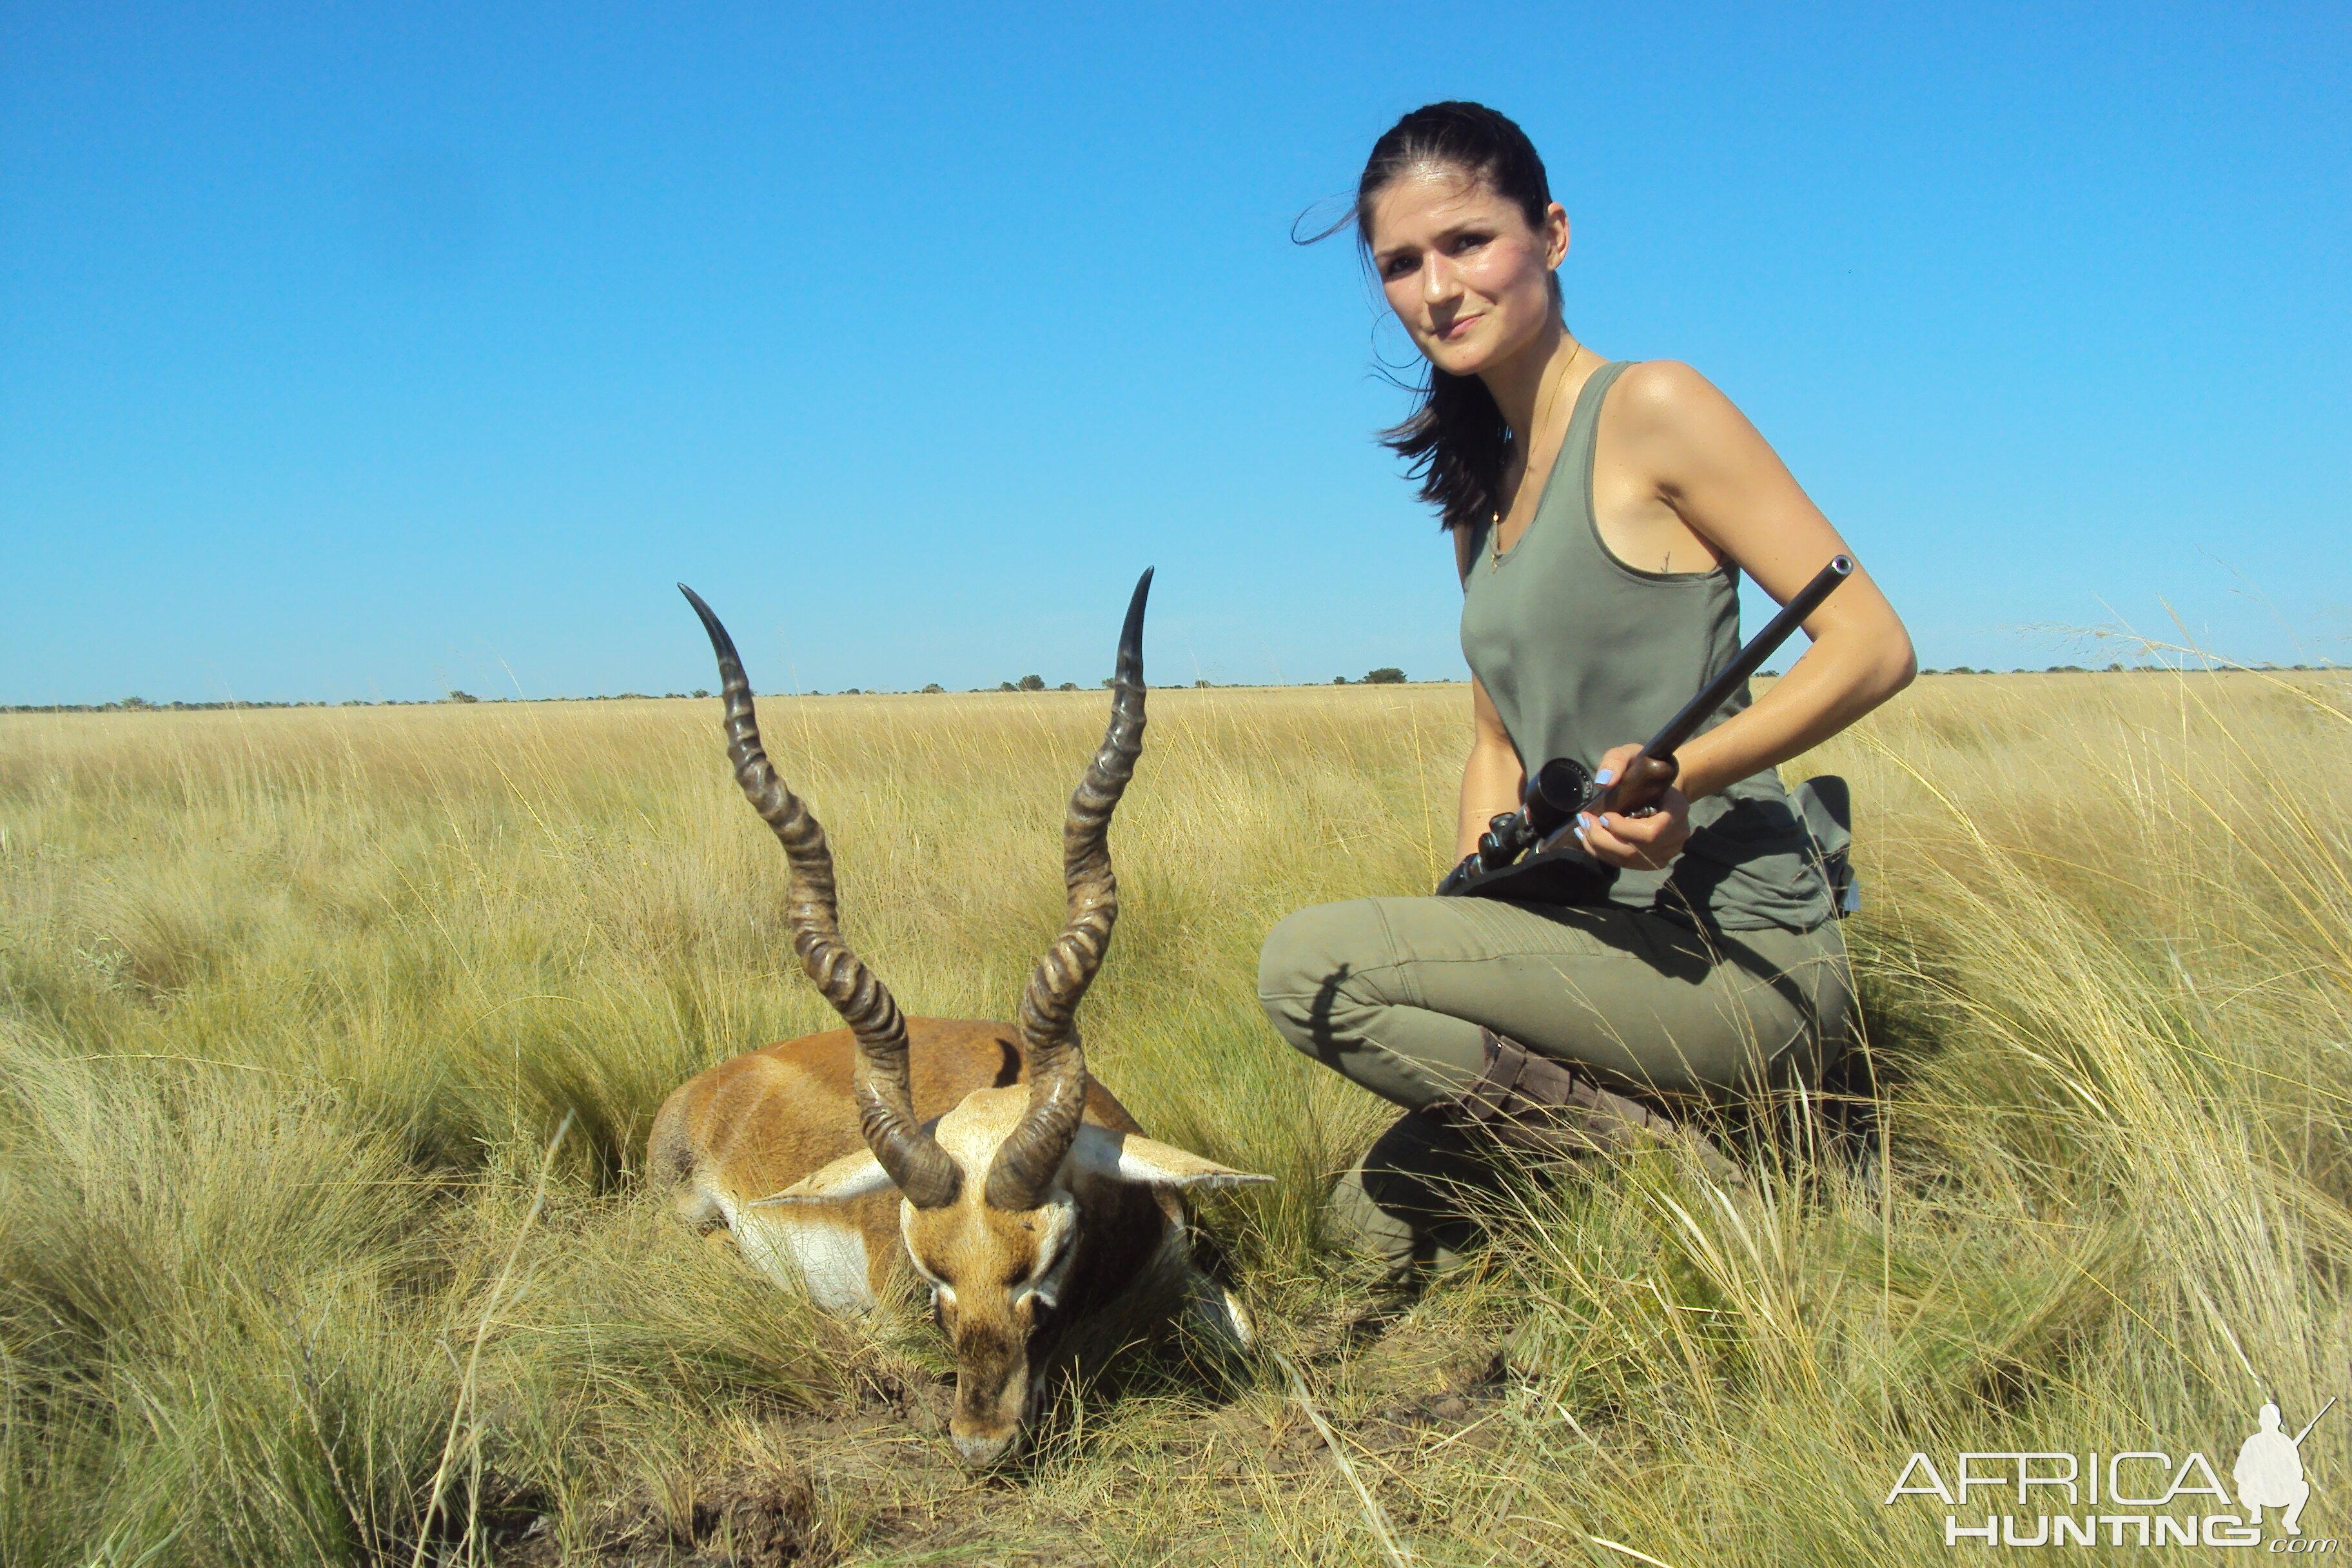 Wyoming Hunting Season Photo Roundup | Wyoming Hunting News